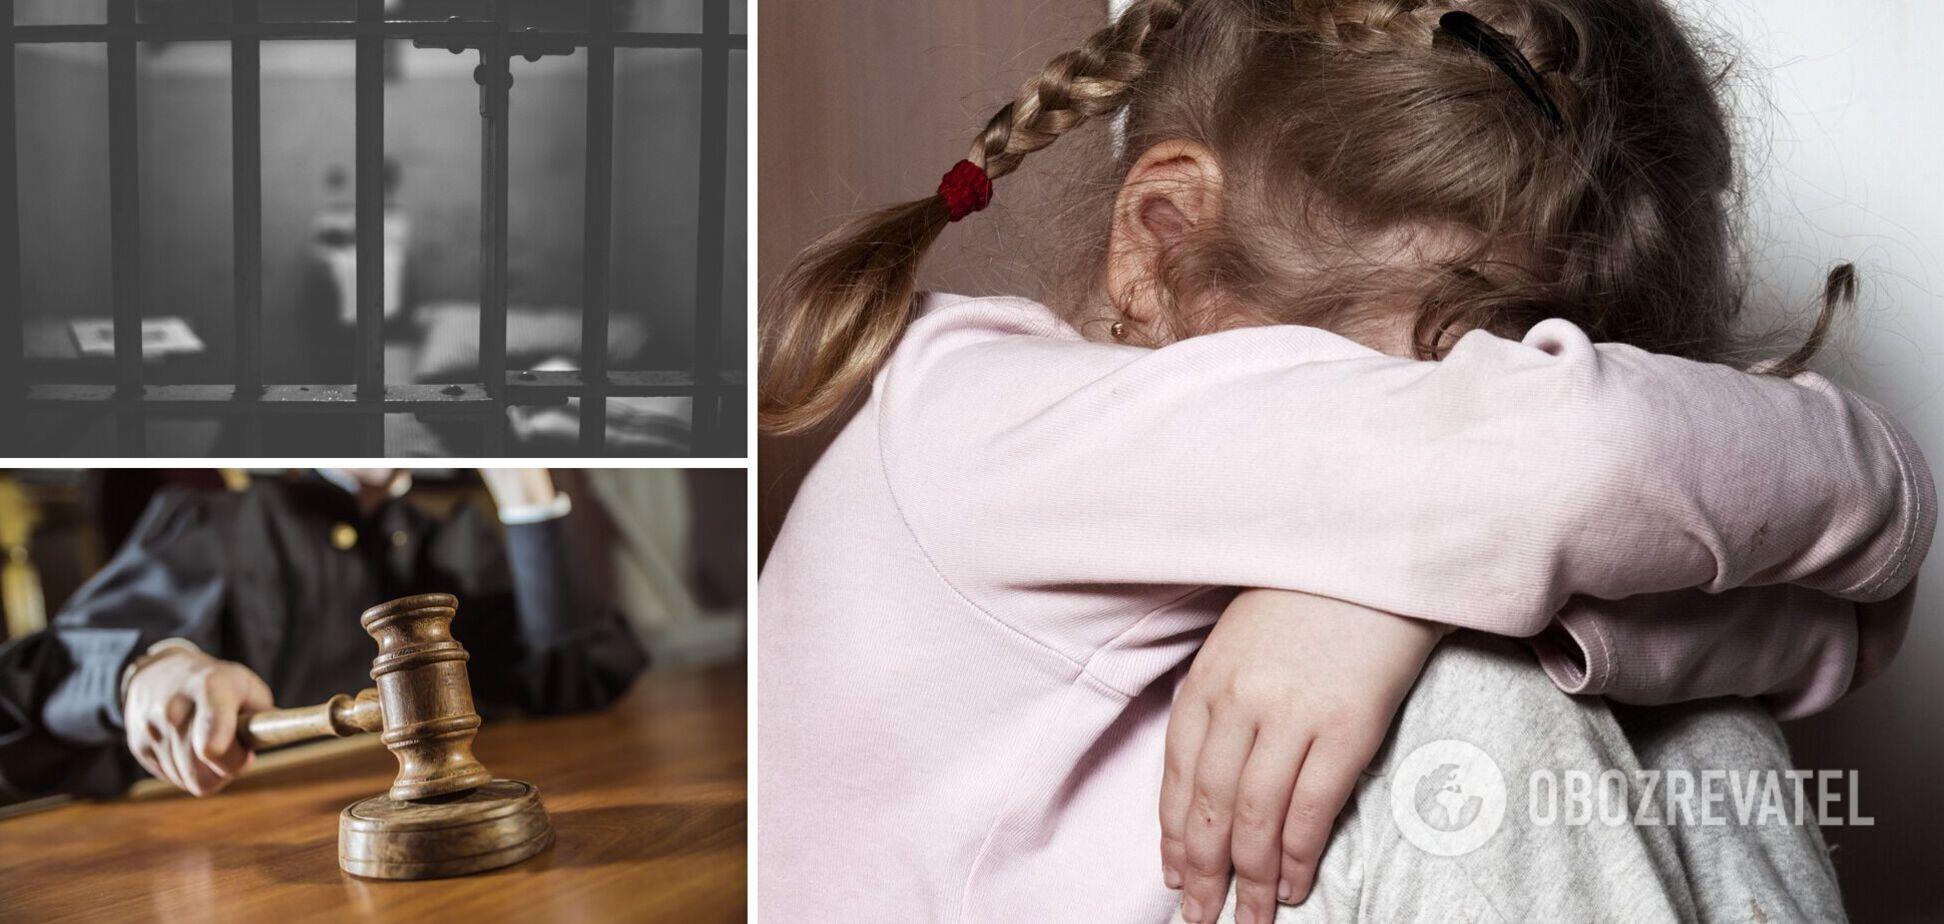 Насиловал 10-летнюю падчерицу и снимал на видео: в Ривненской области мужчина получил пожизненное заключение